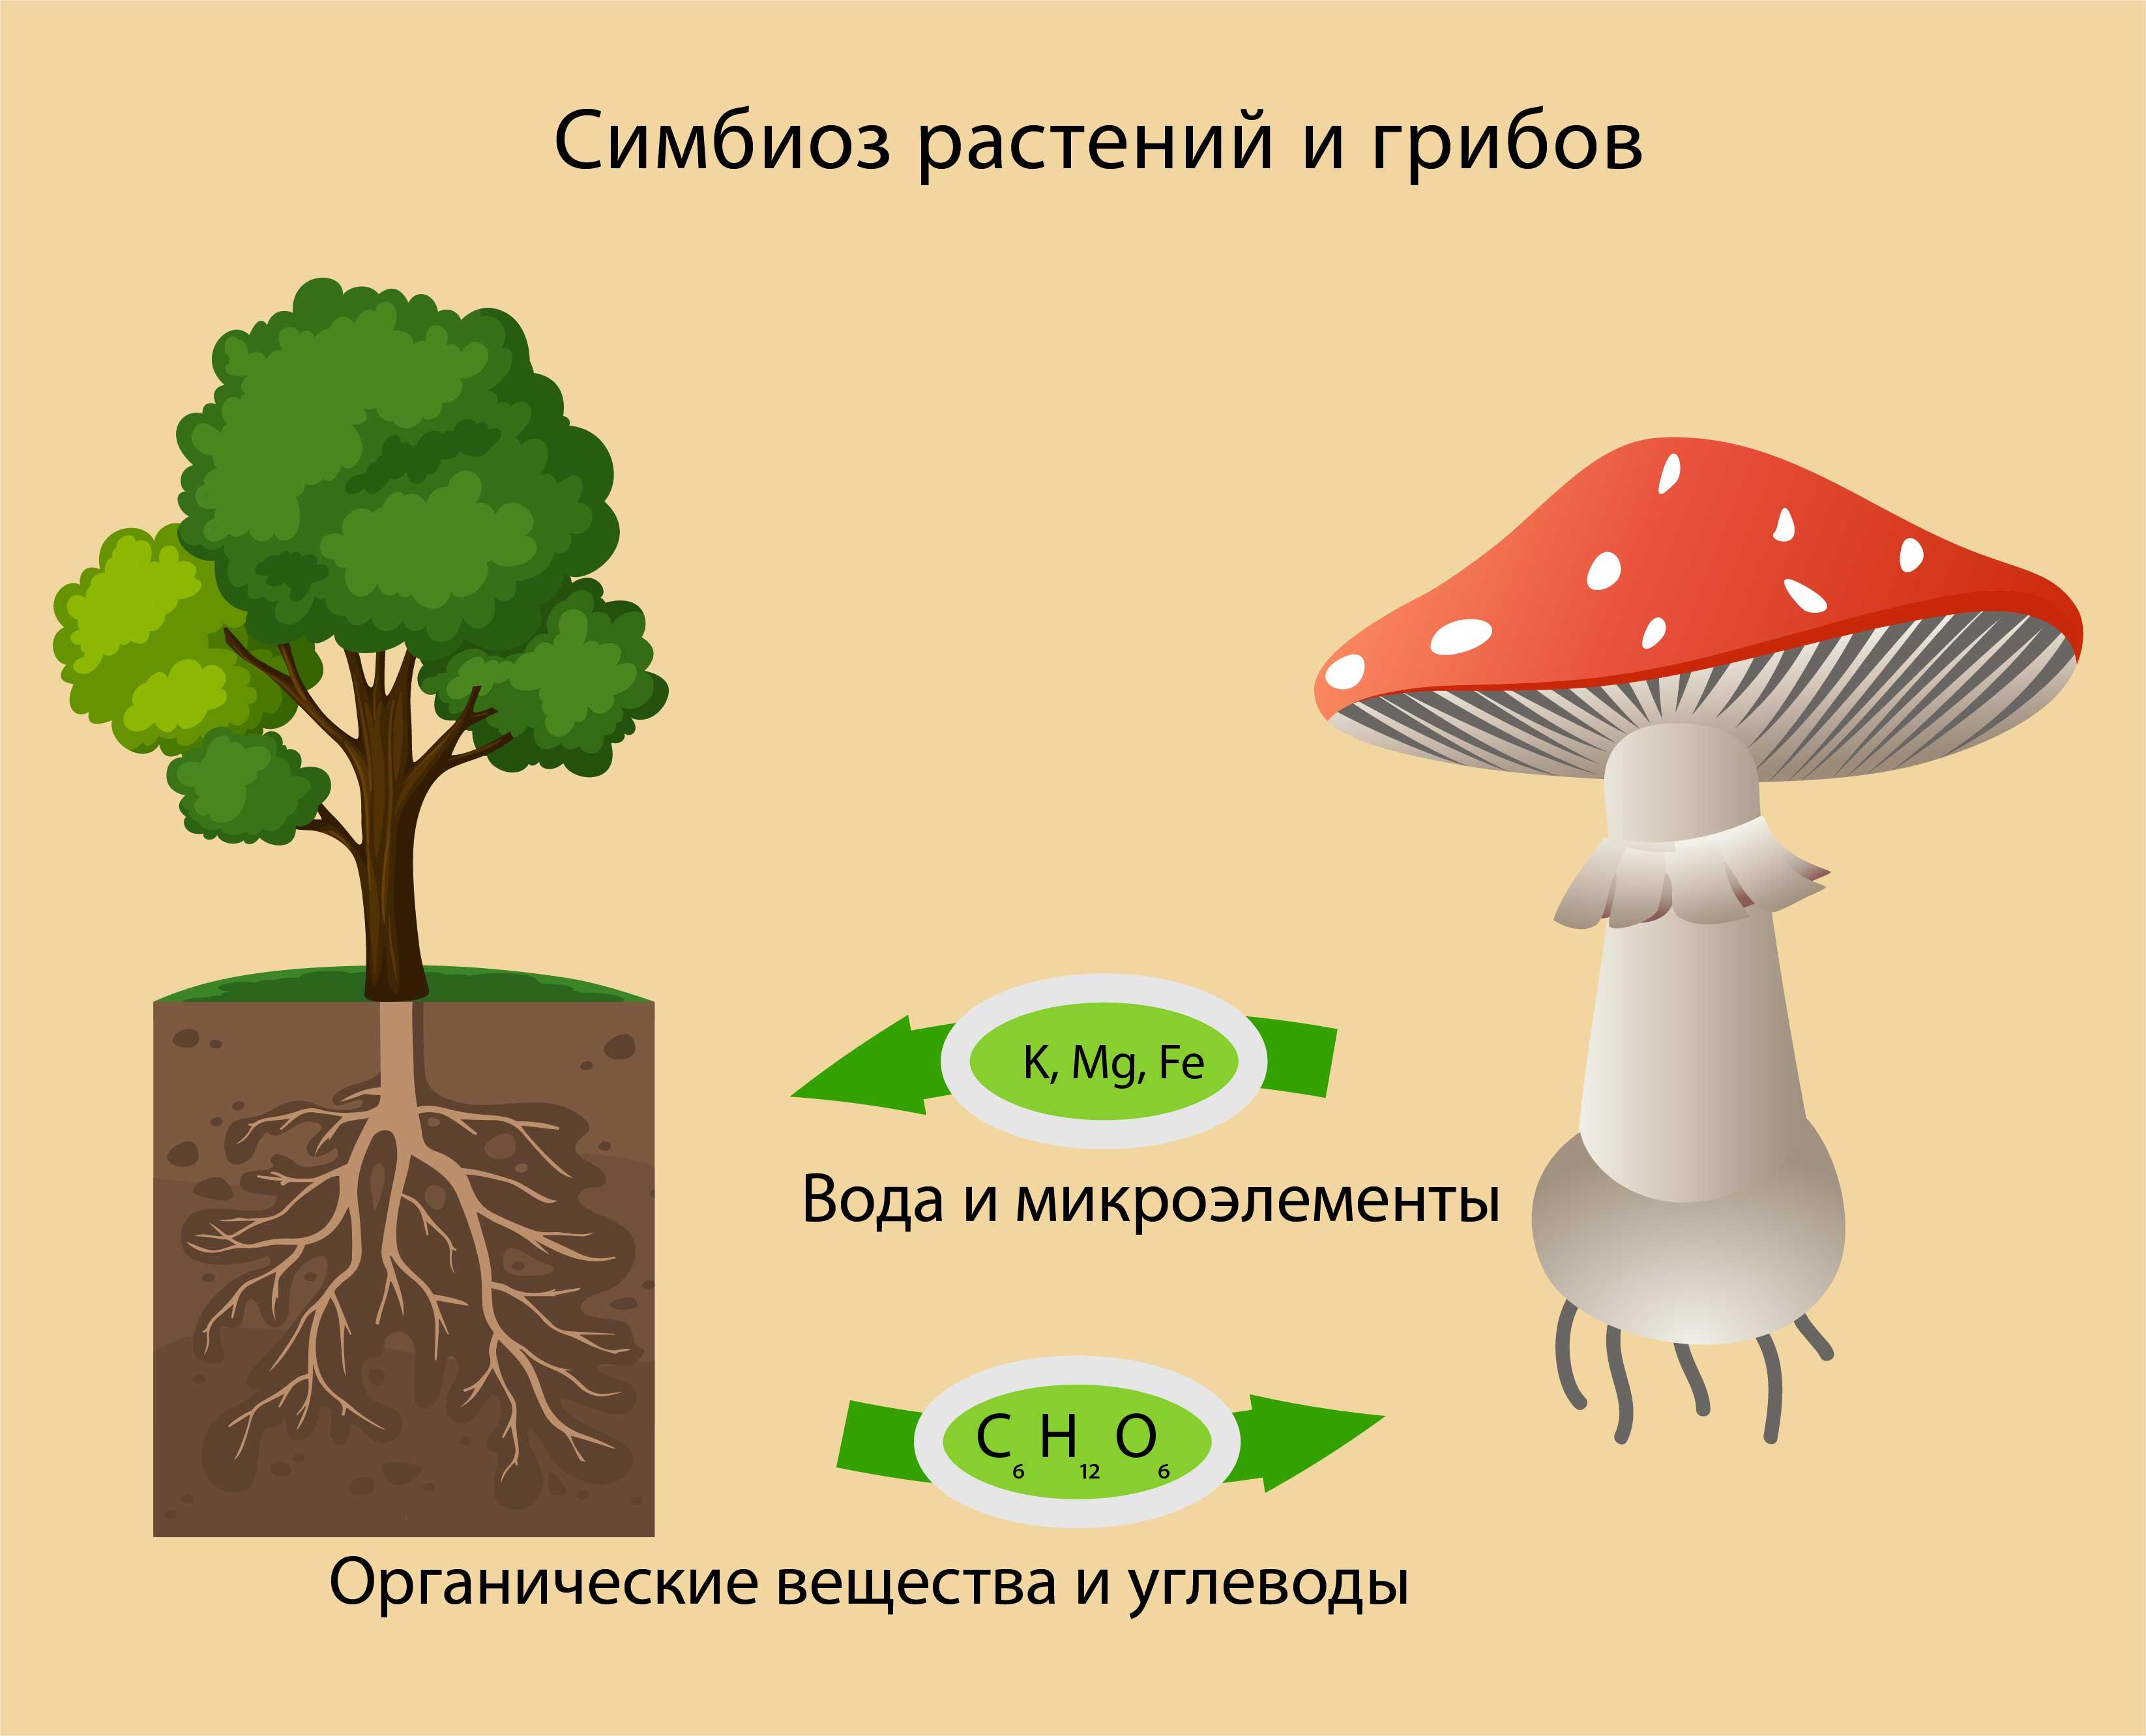 Симбиоз растений и гриба